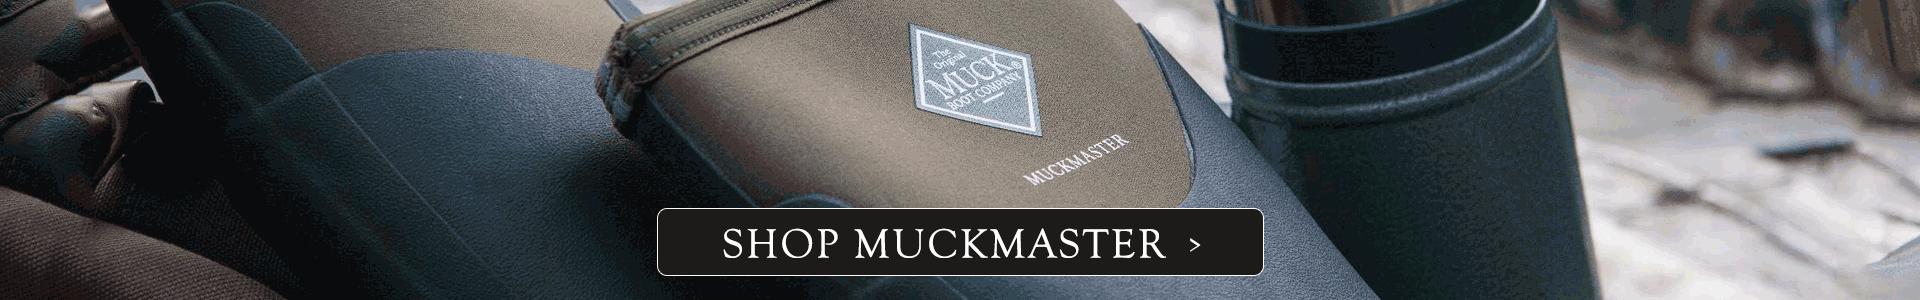 Shop Muck Boots Muckmaster